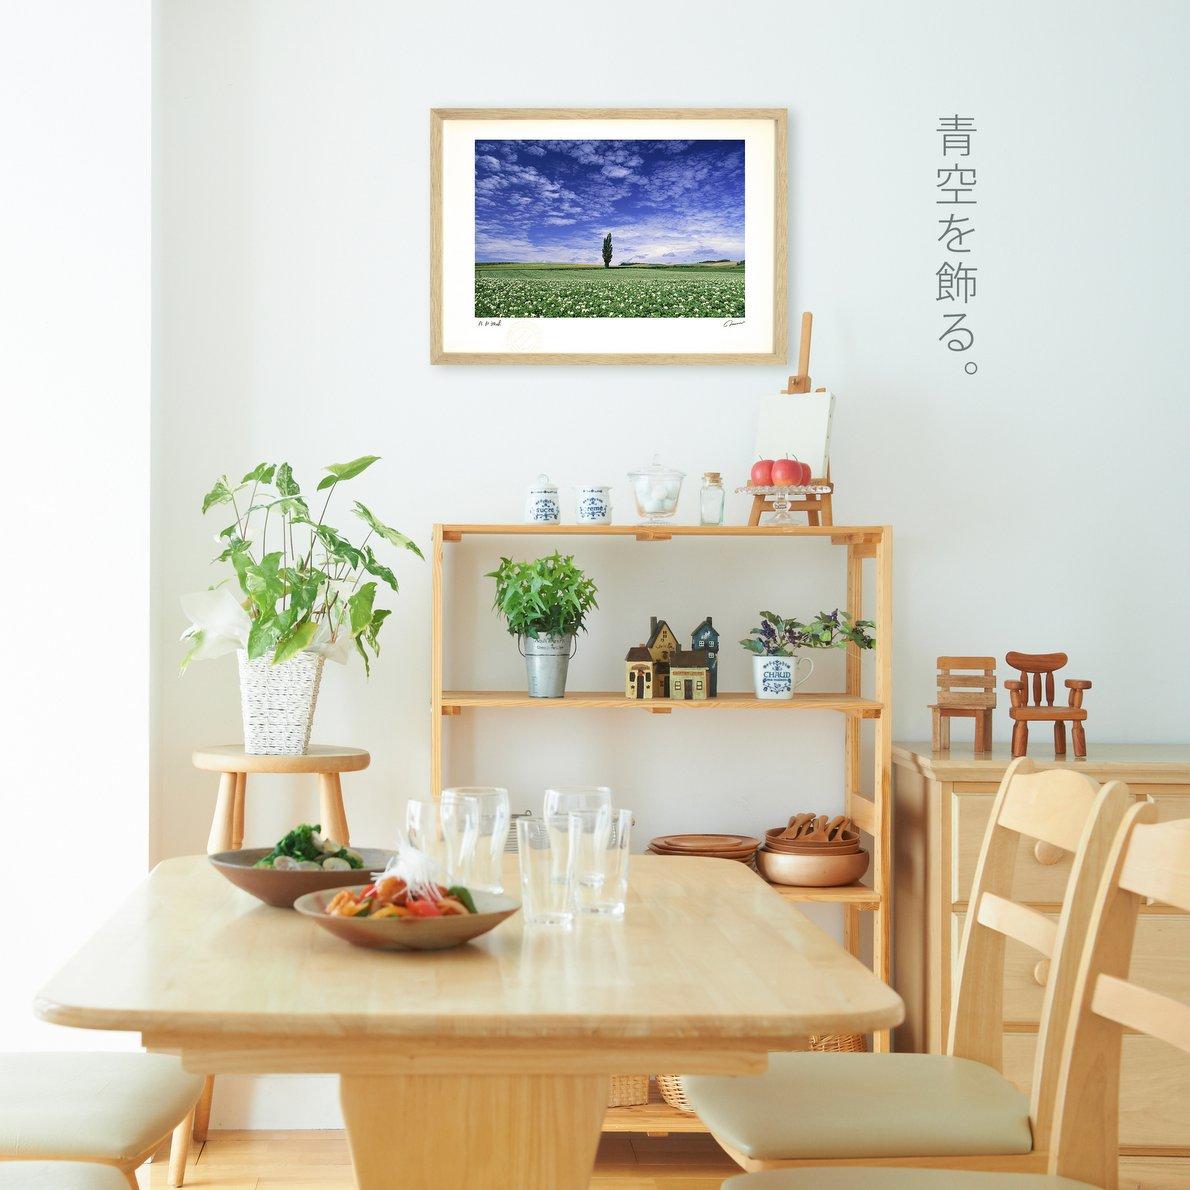 《アートフォト》新緑と桜5/芦別市〔富良野・高橋真澄〕(レンタル対象)